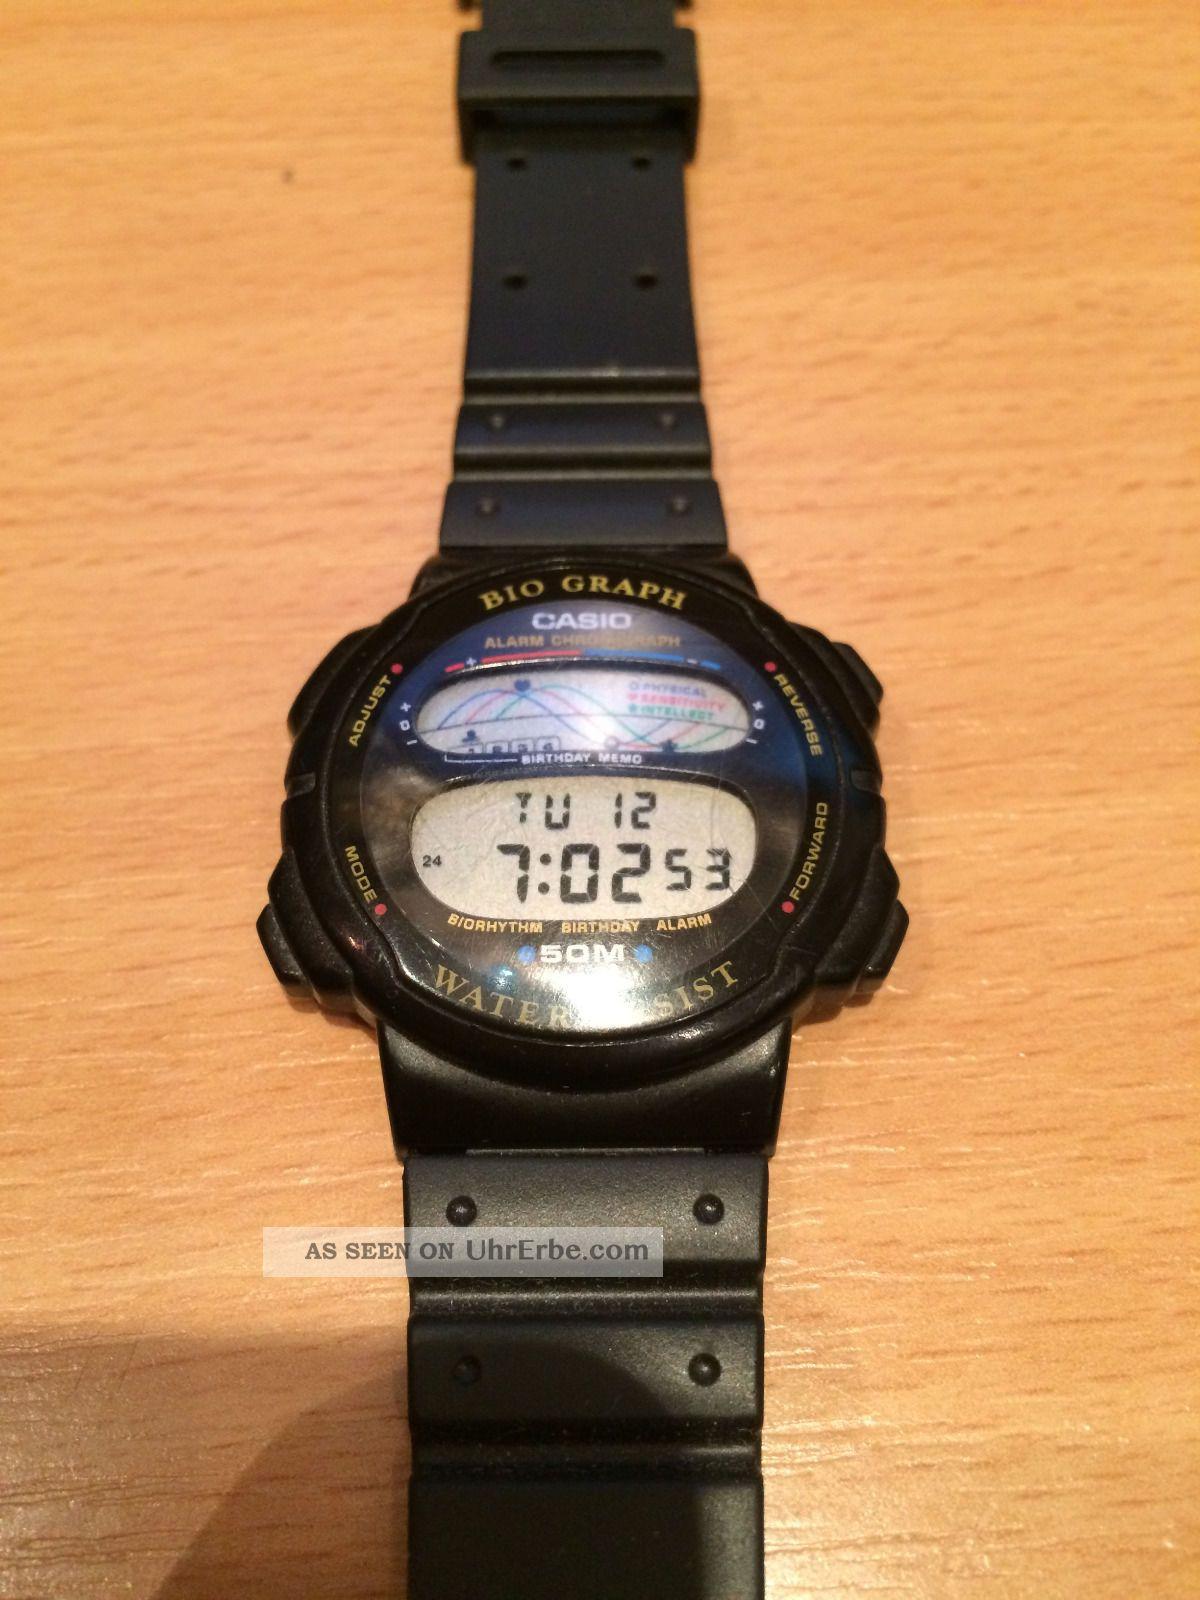 Alte Casio Armbanduhr Bio Graph Bh - 100w Sehr Selten Armbanduhren Bild